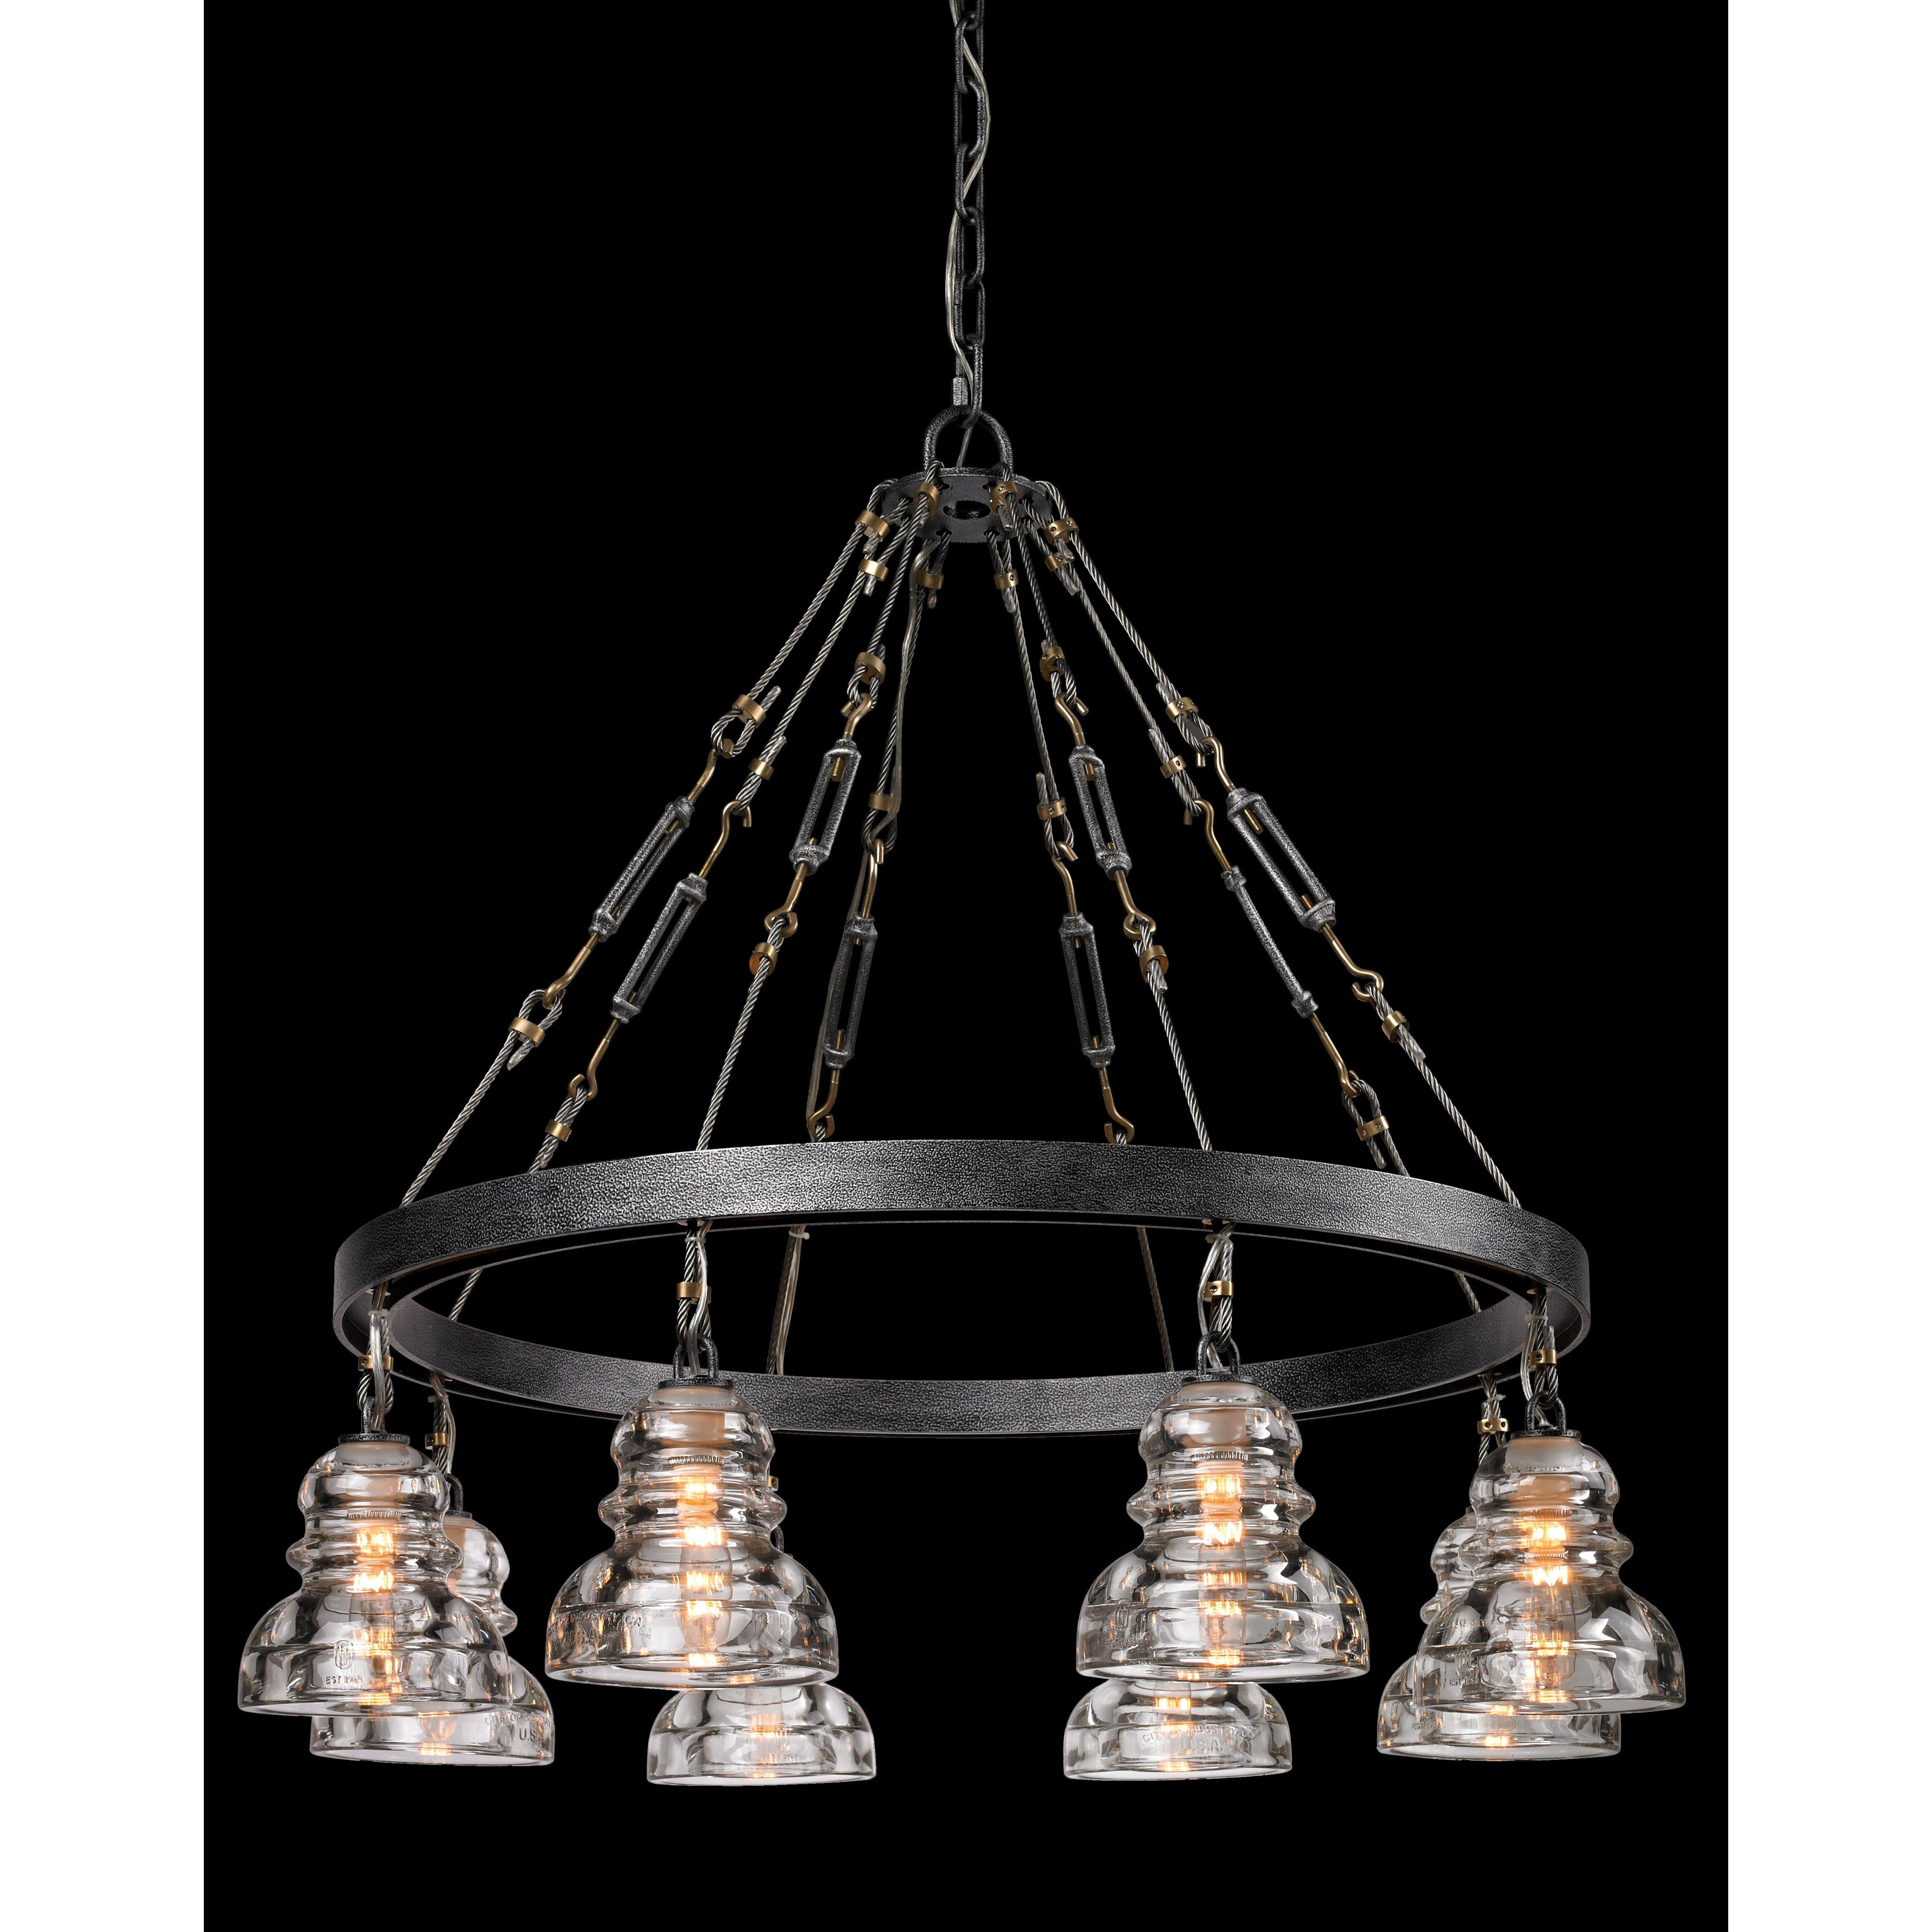 troy lighting menlo park 8 light chandelier reviews wayfair. Black Bedroom Furniture Sets. Home Design Ideas